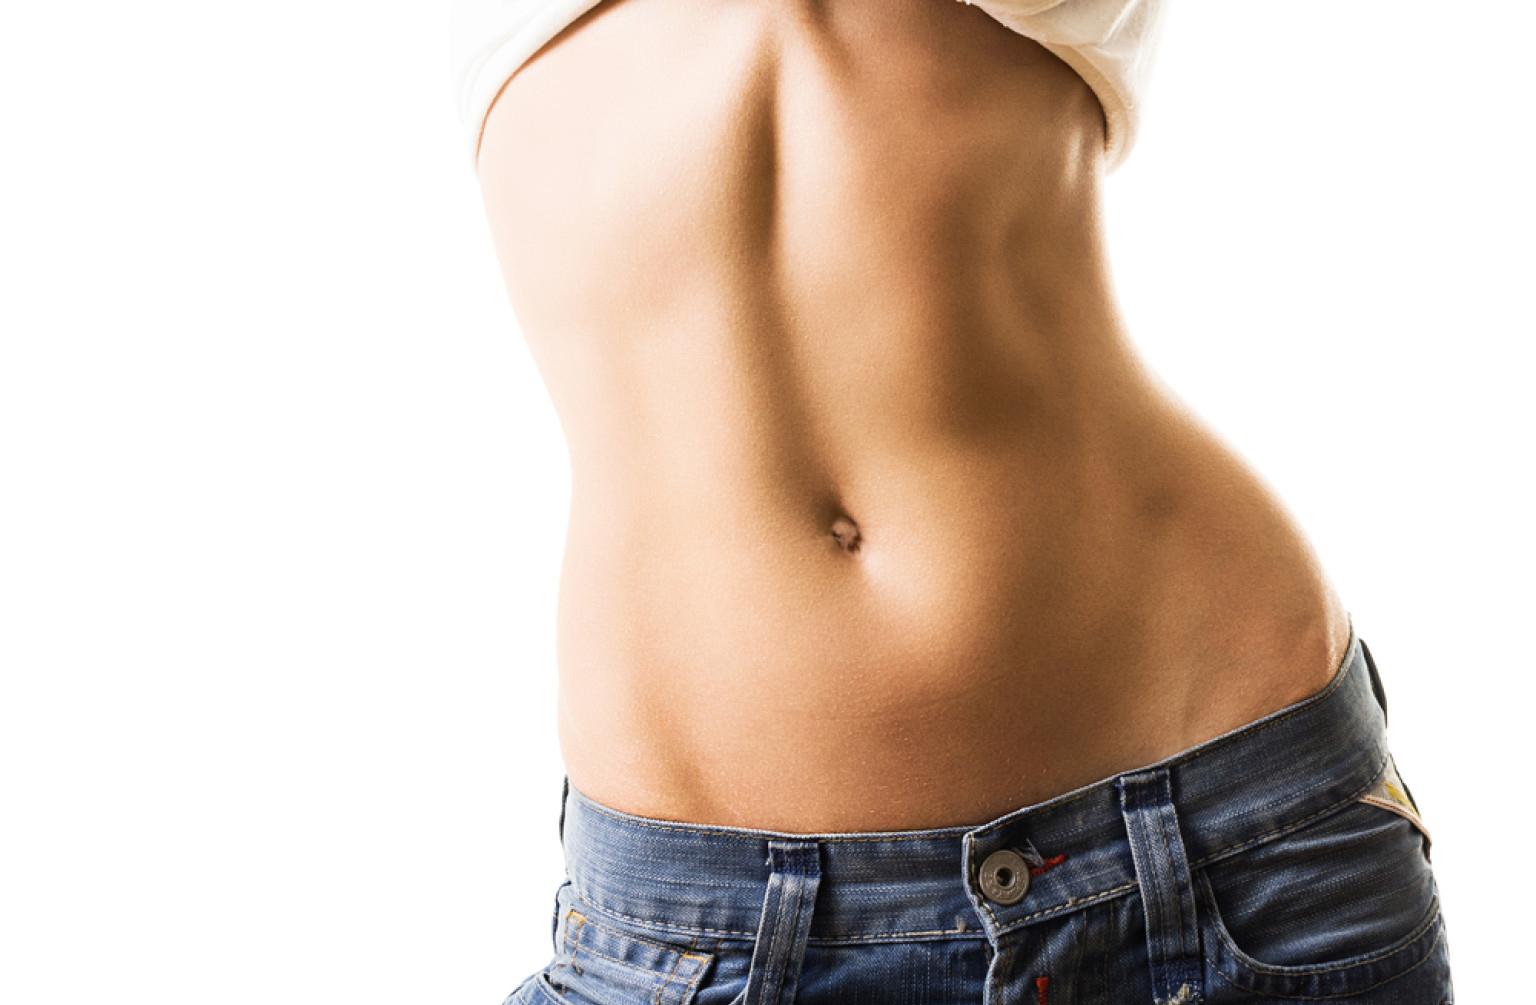 Egyszerű trükk hasi elhízás ellen - Fogyókúra | Femina